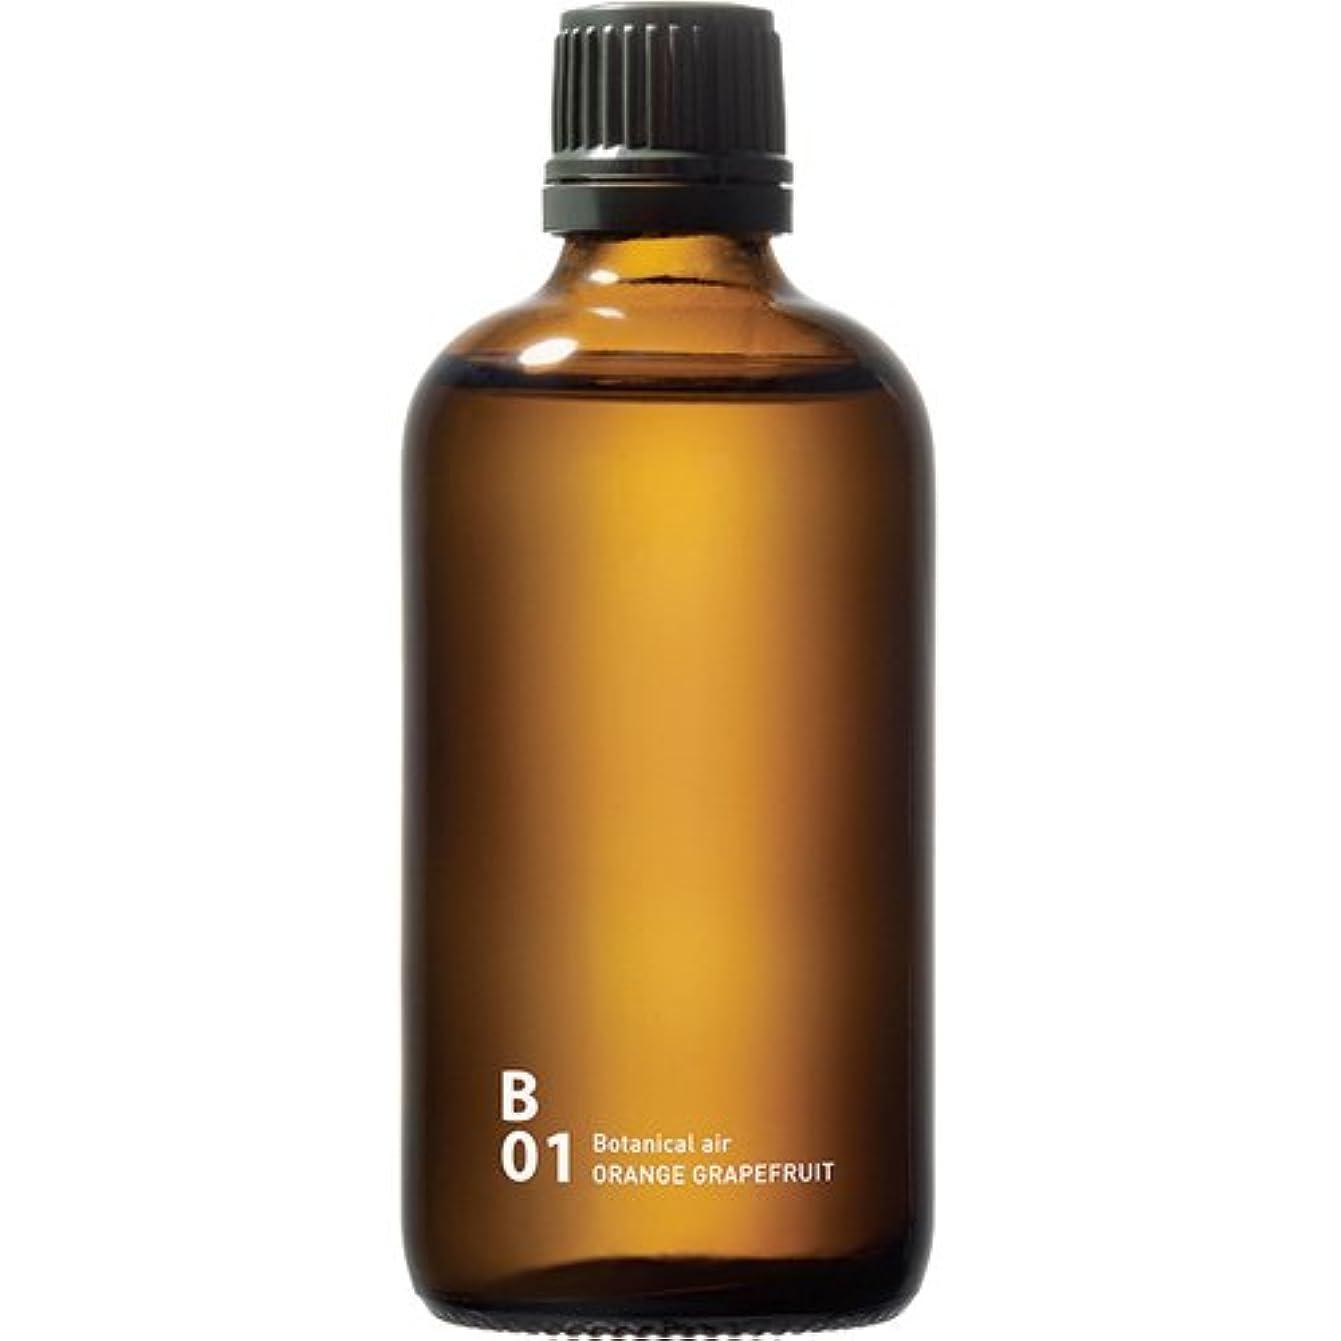 構造的モックオセアニアB01 ORANGE GRAPEFRUIT piezo aroma oil 100ml